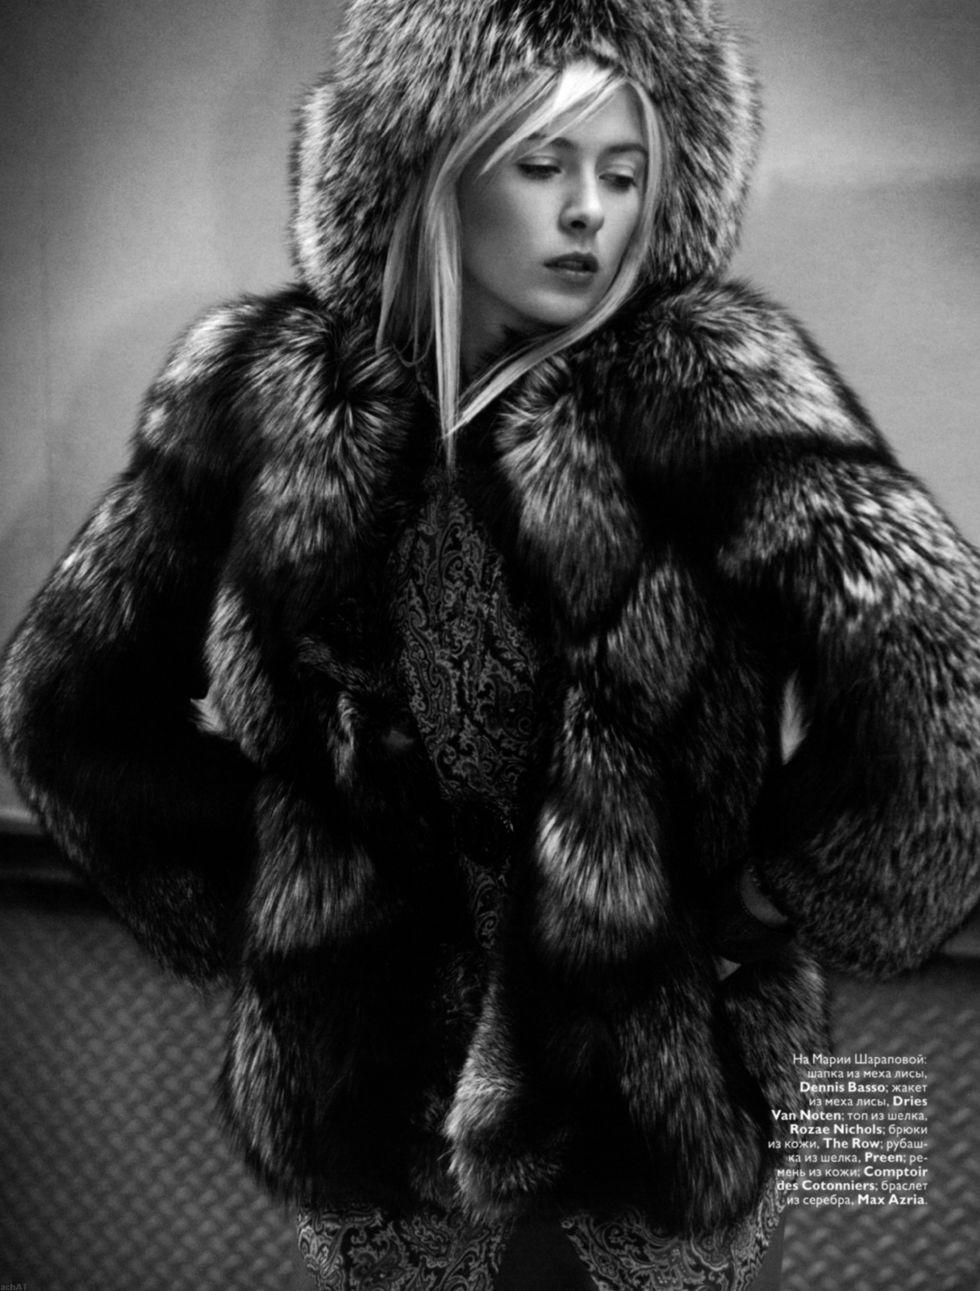 maria-sharapova-vogue-magazine-russia-november-2008-01